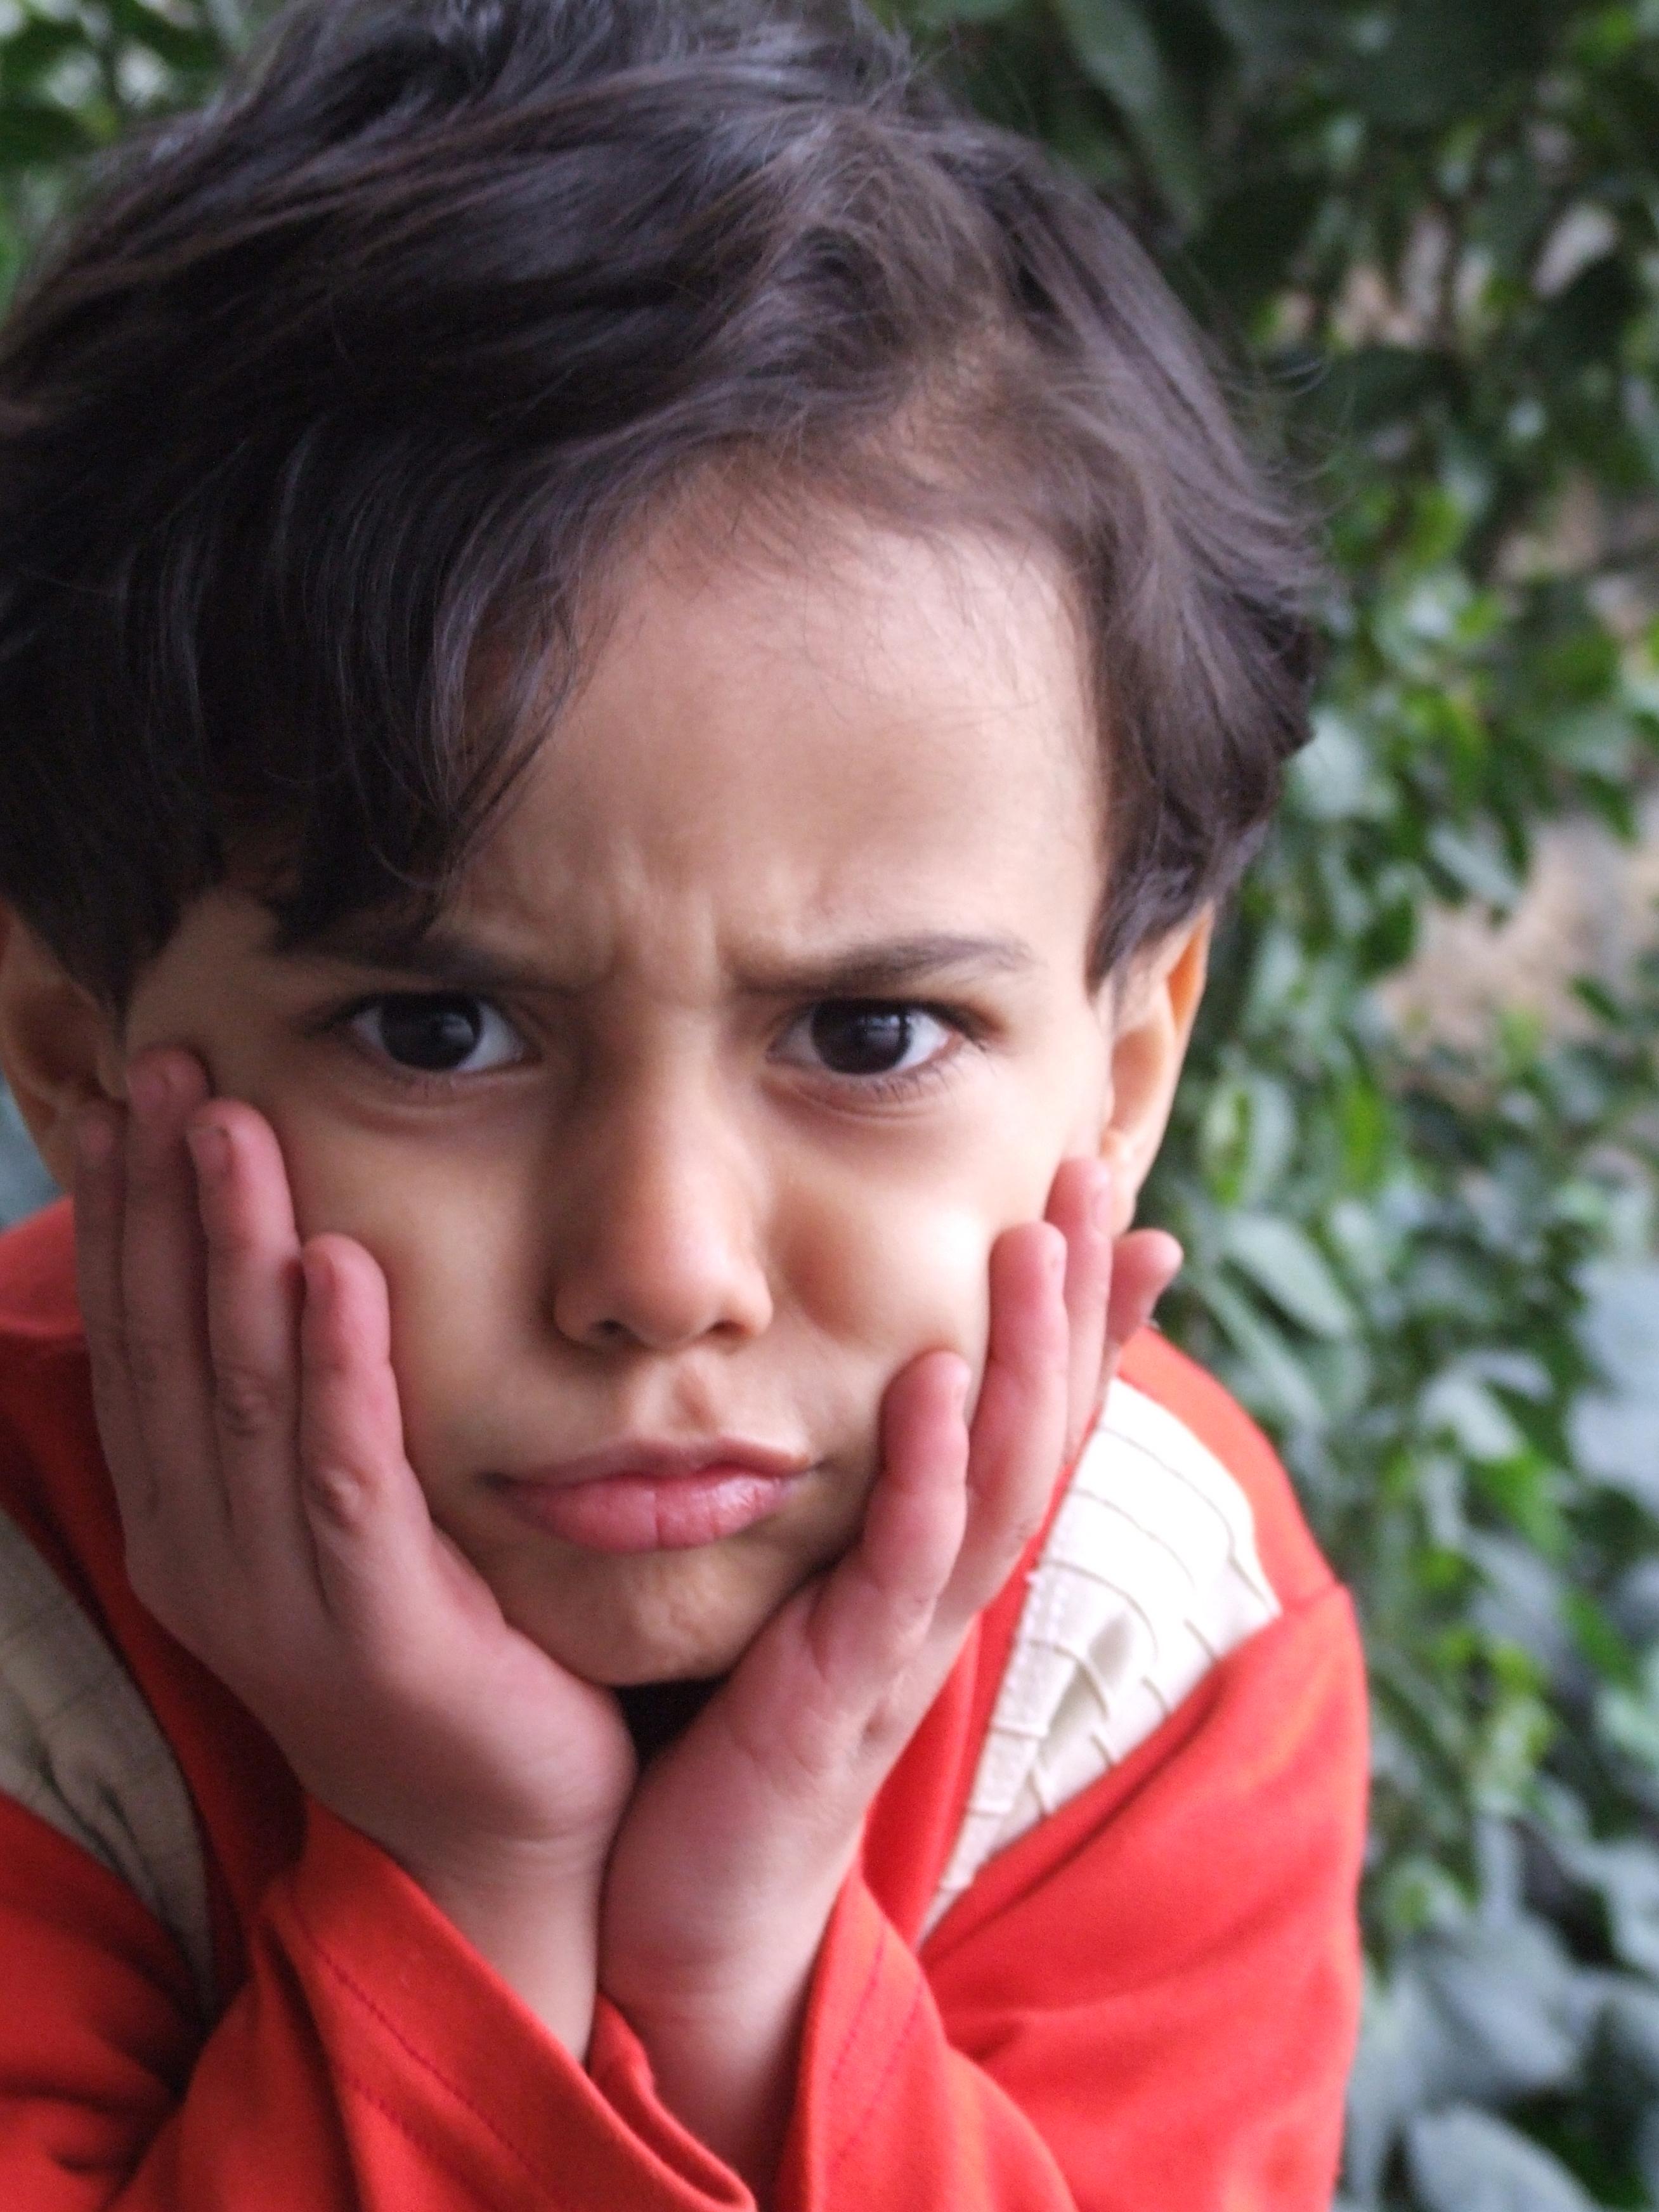 castigos eficaces a niños 7